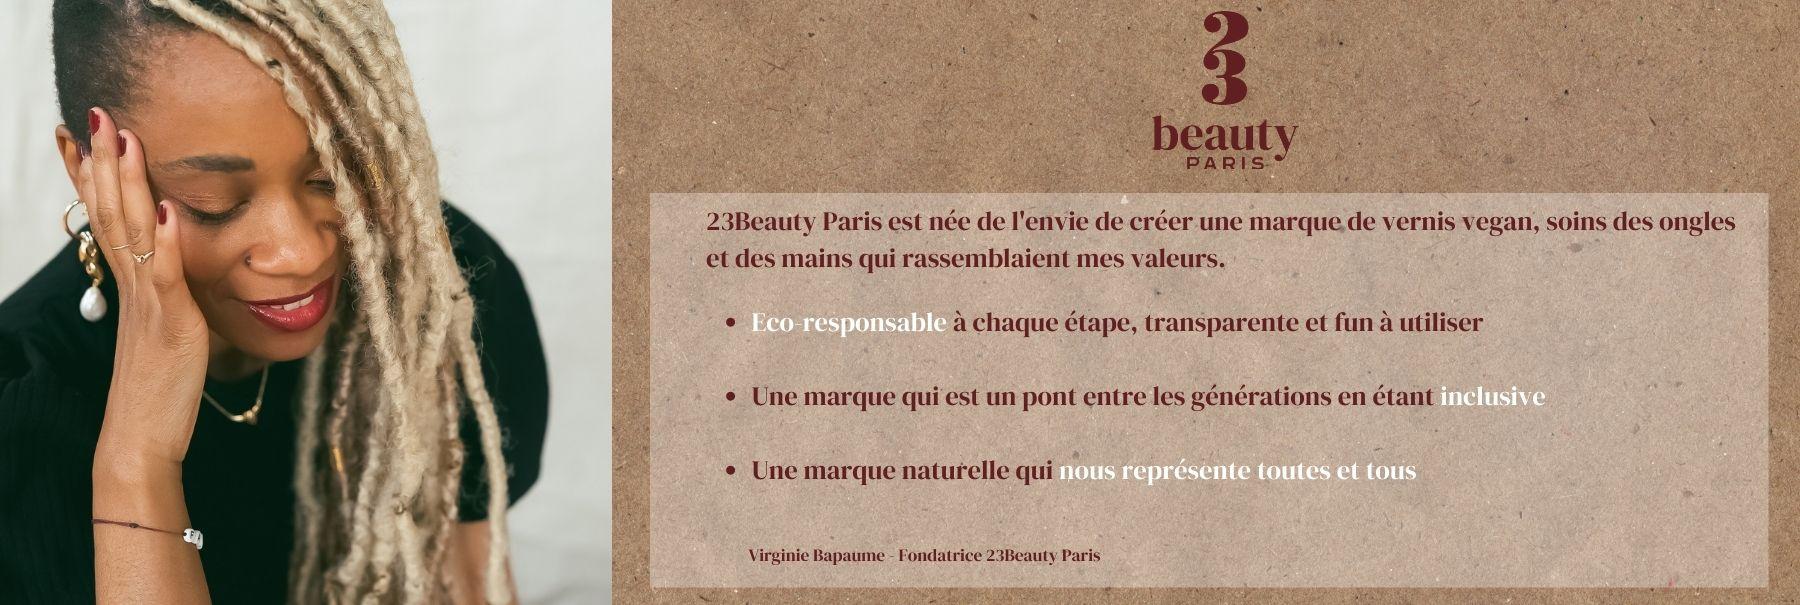 23Beauty Paris est née de l'envie de créer une marque de vernis à ongles vegan, soins des ongles et des mains qui rassemblaient mes valeurs.